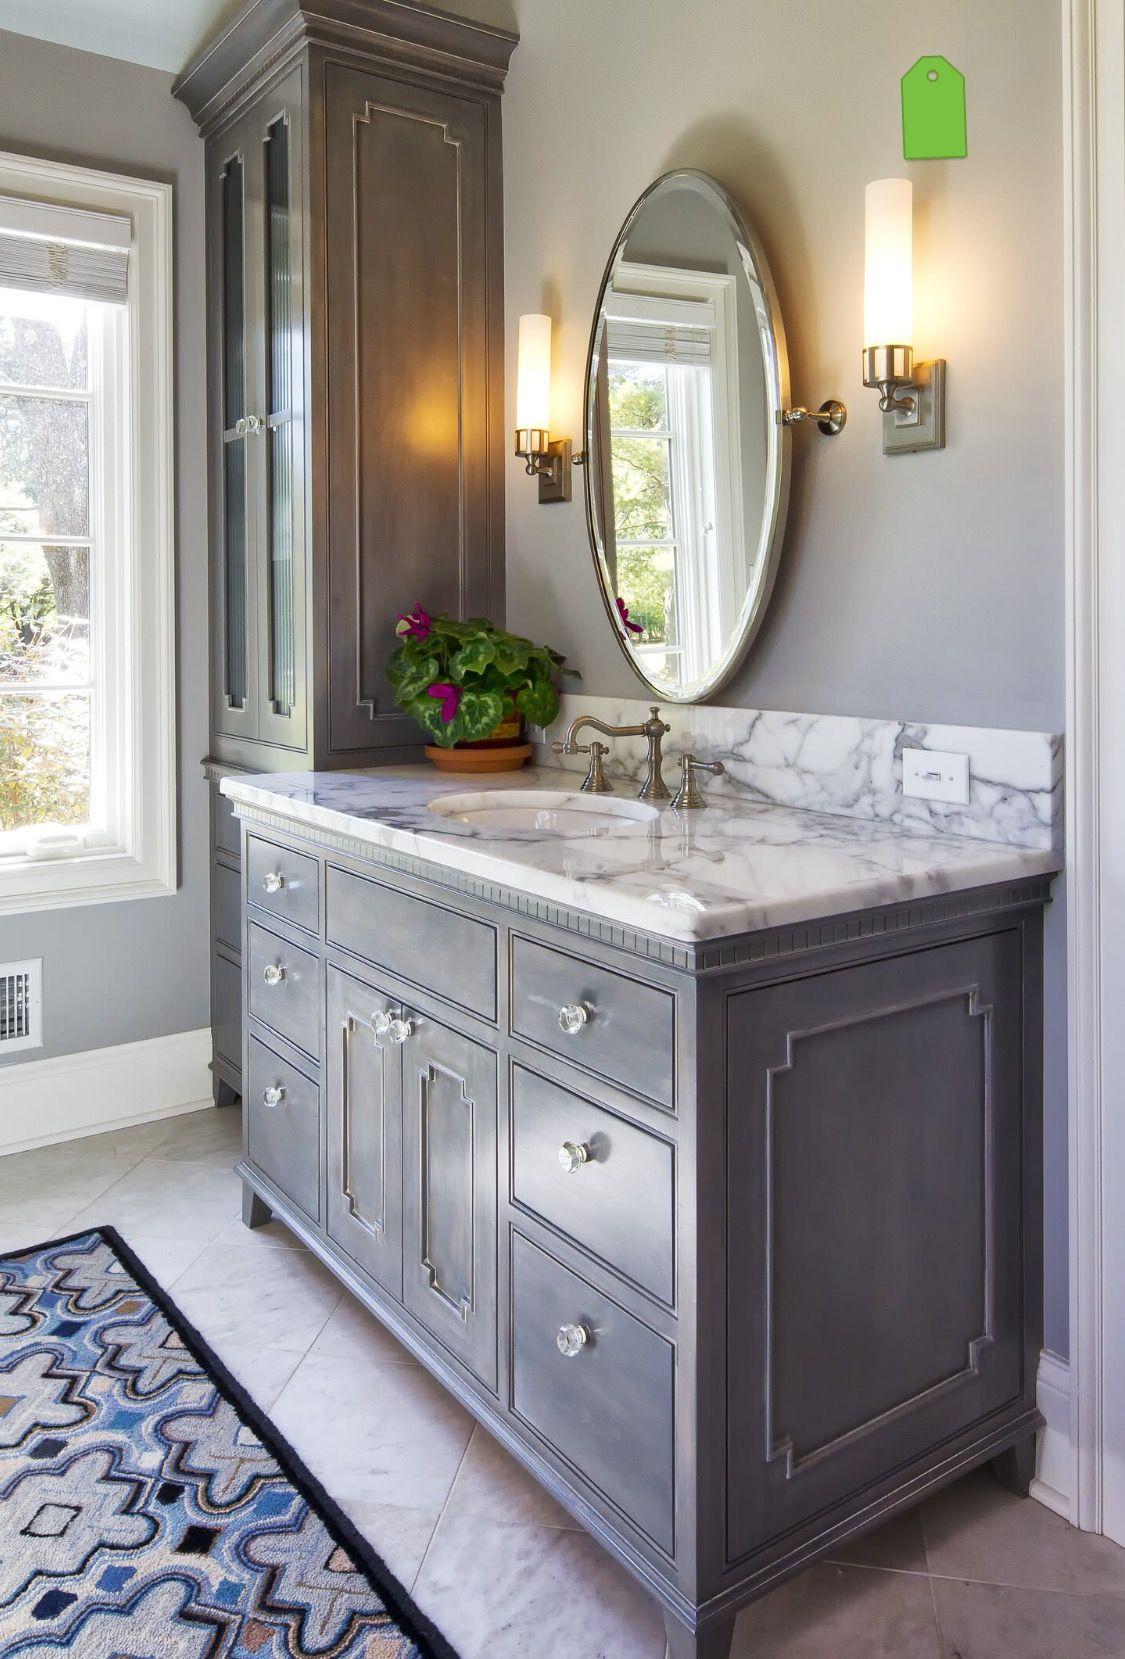 Distressed Greige Cabinetry Bathroom Vanity Designs Grey Bathrooms Bathroom Cabinets Designs